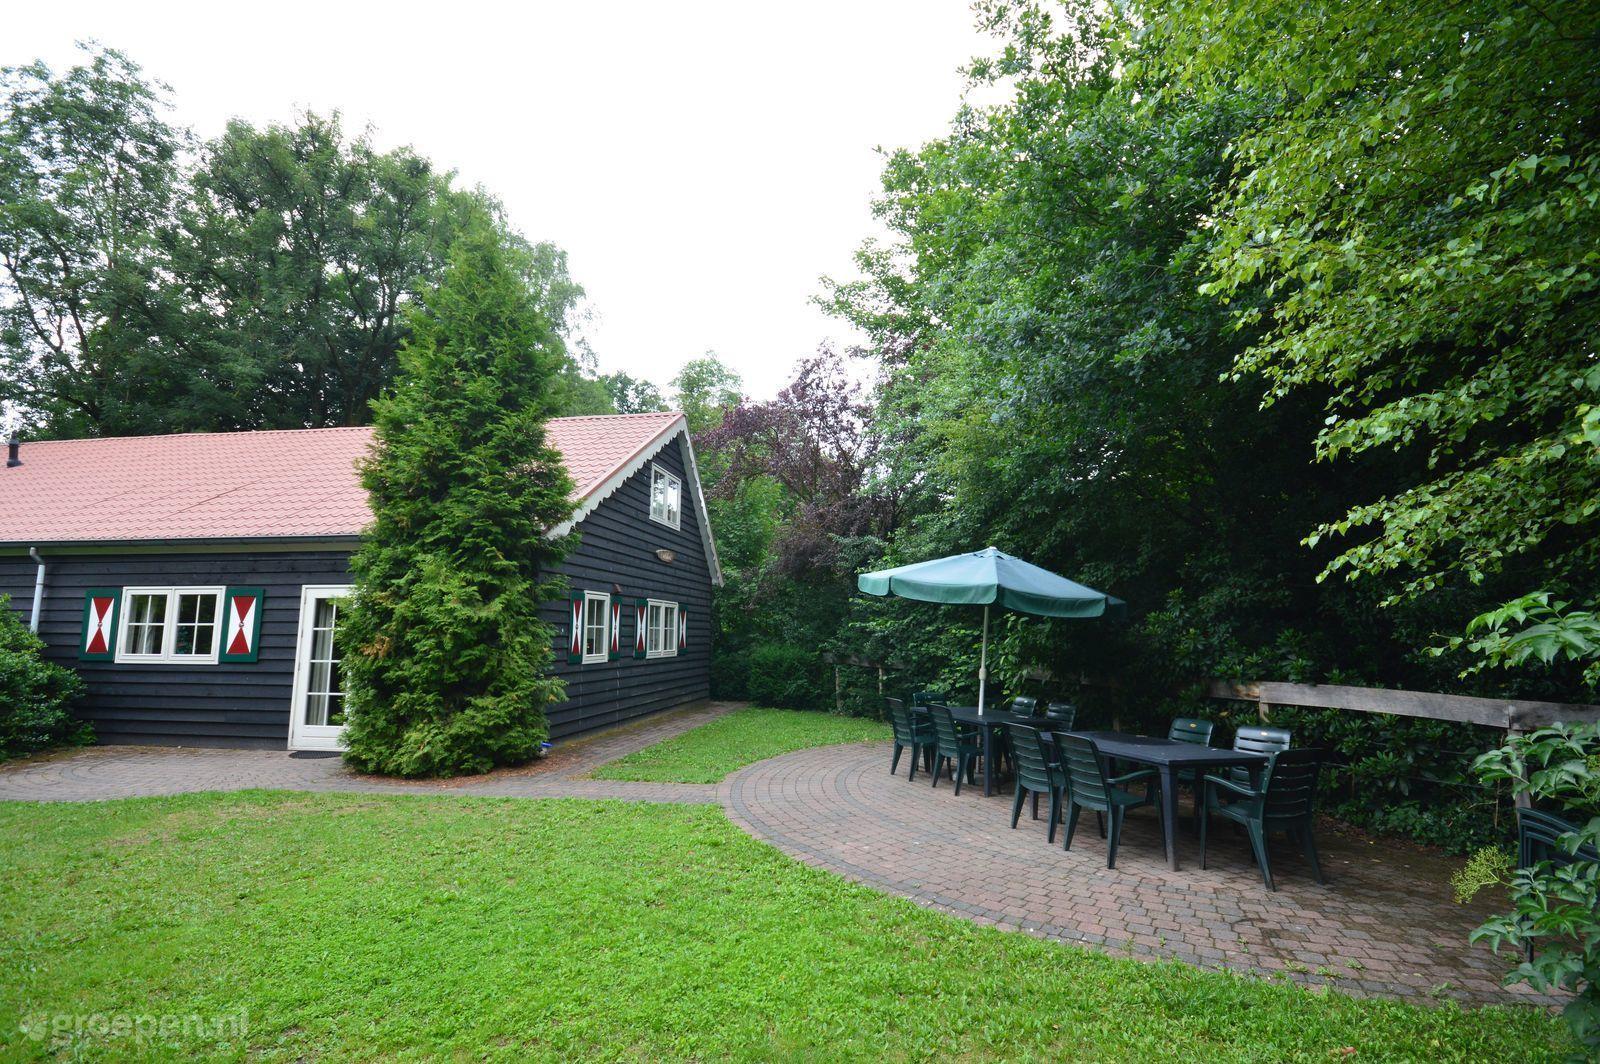 Group accommodation Vierhouten